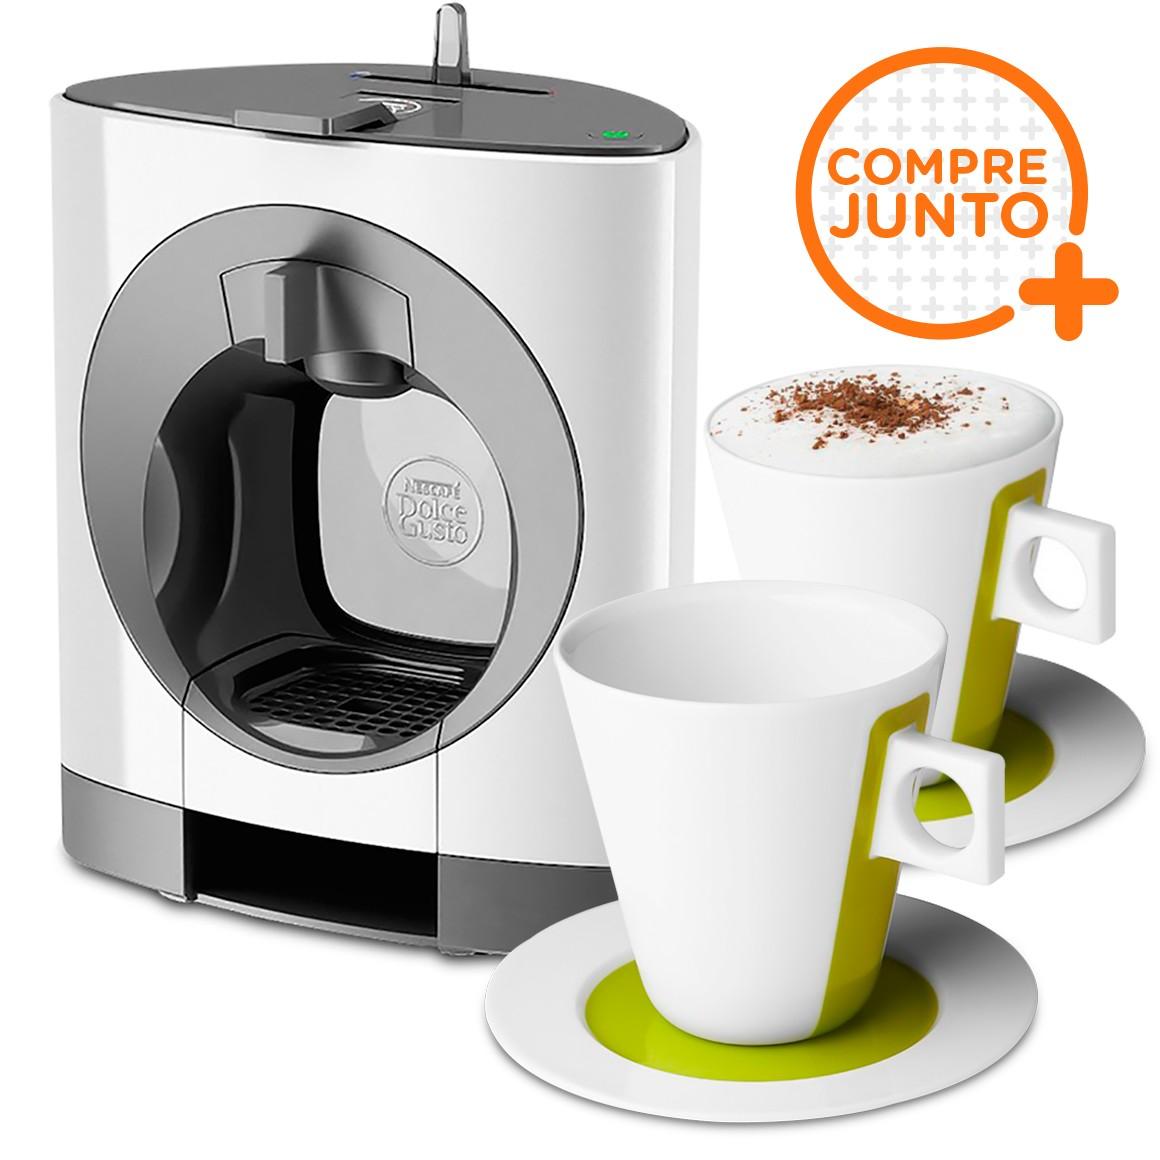 Cafeteira Expresso Dolce Gusto Oblo Branca 110v + 2 Xícaras Iconic para Cappuccino 250ml